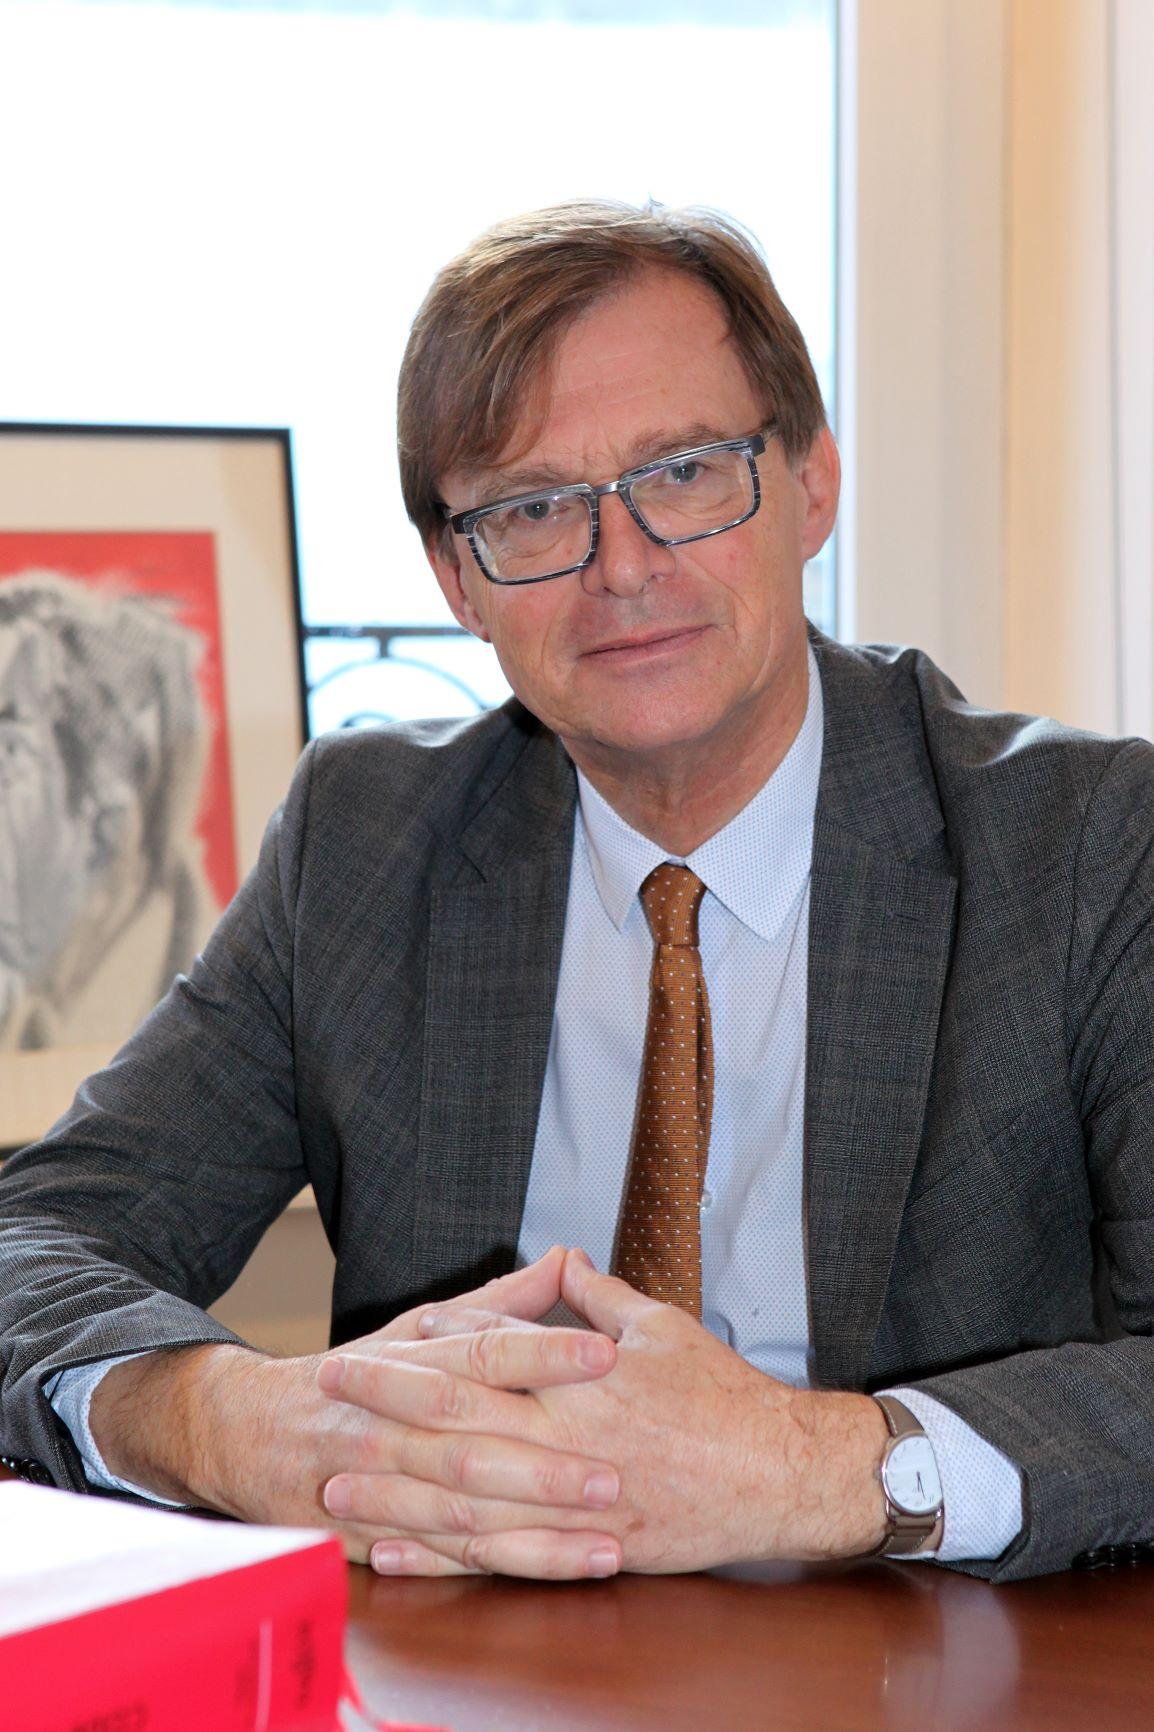 Jean Pierre Levacher